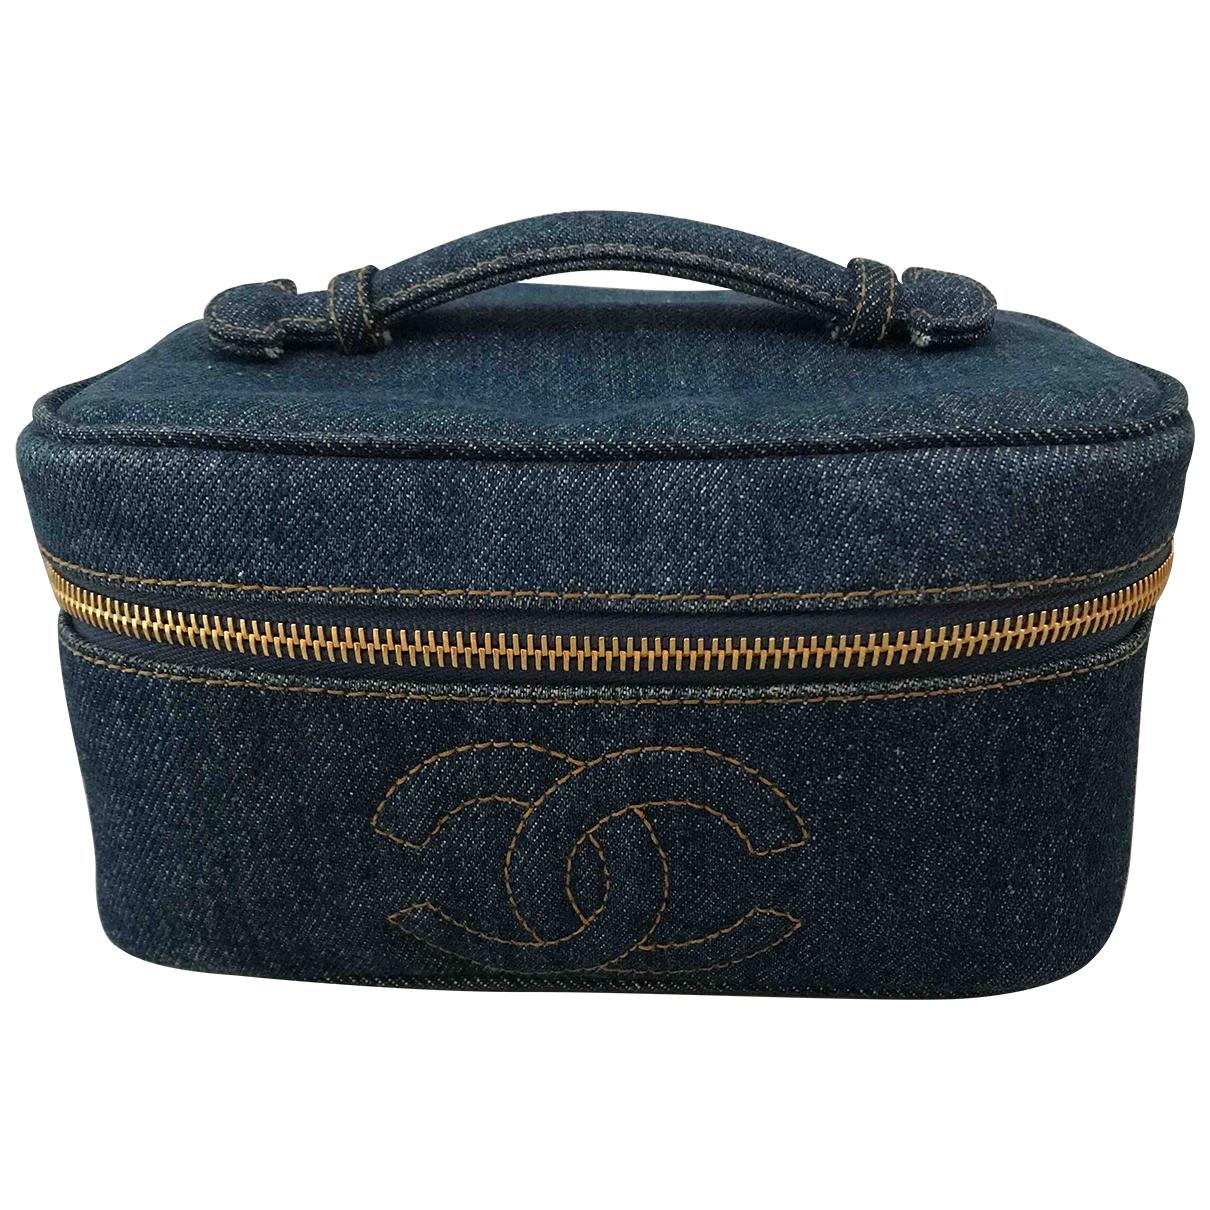 Chanel \N Reisetasche in  Blau Denim - Jeans